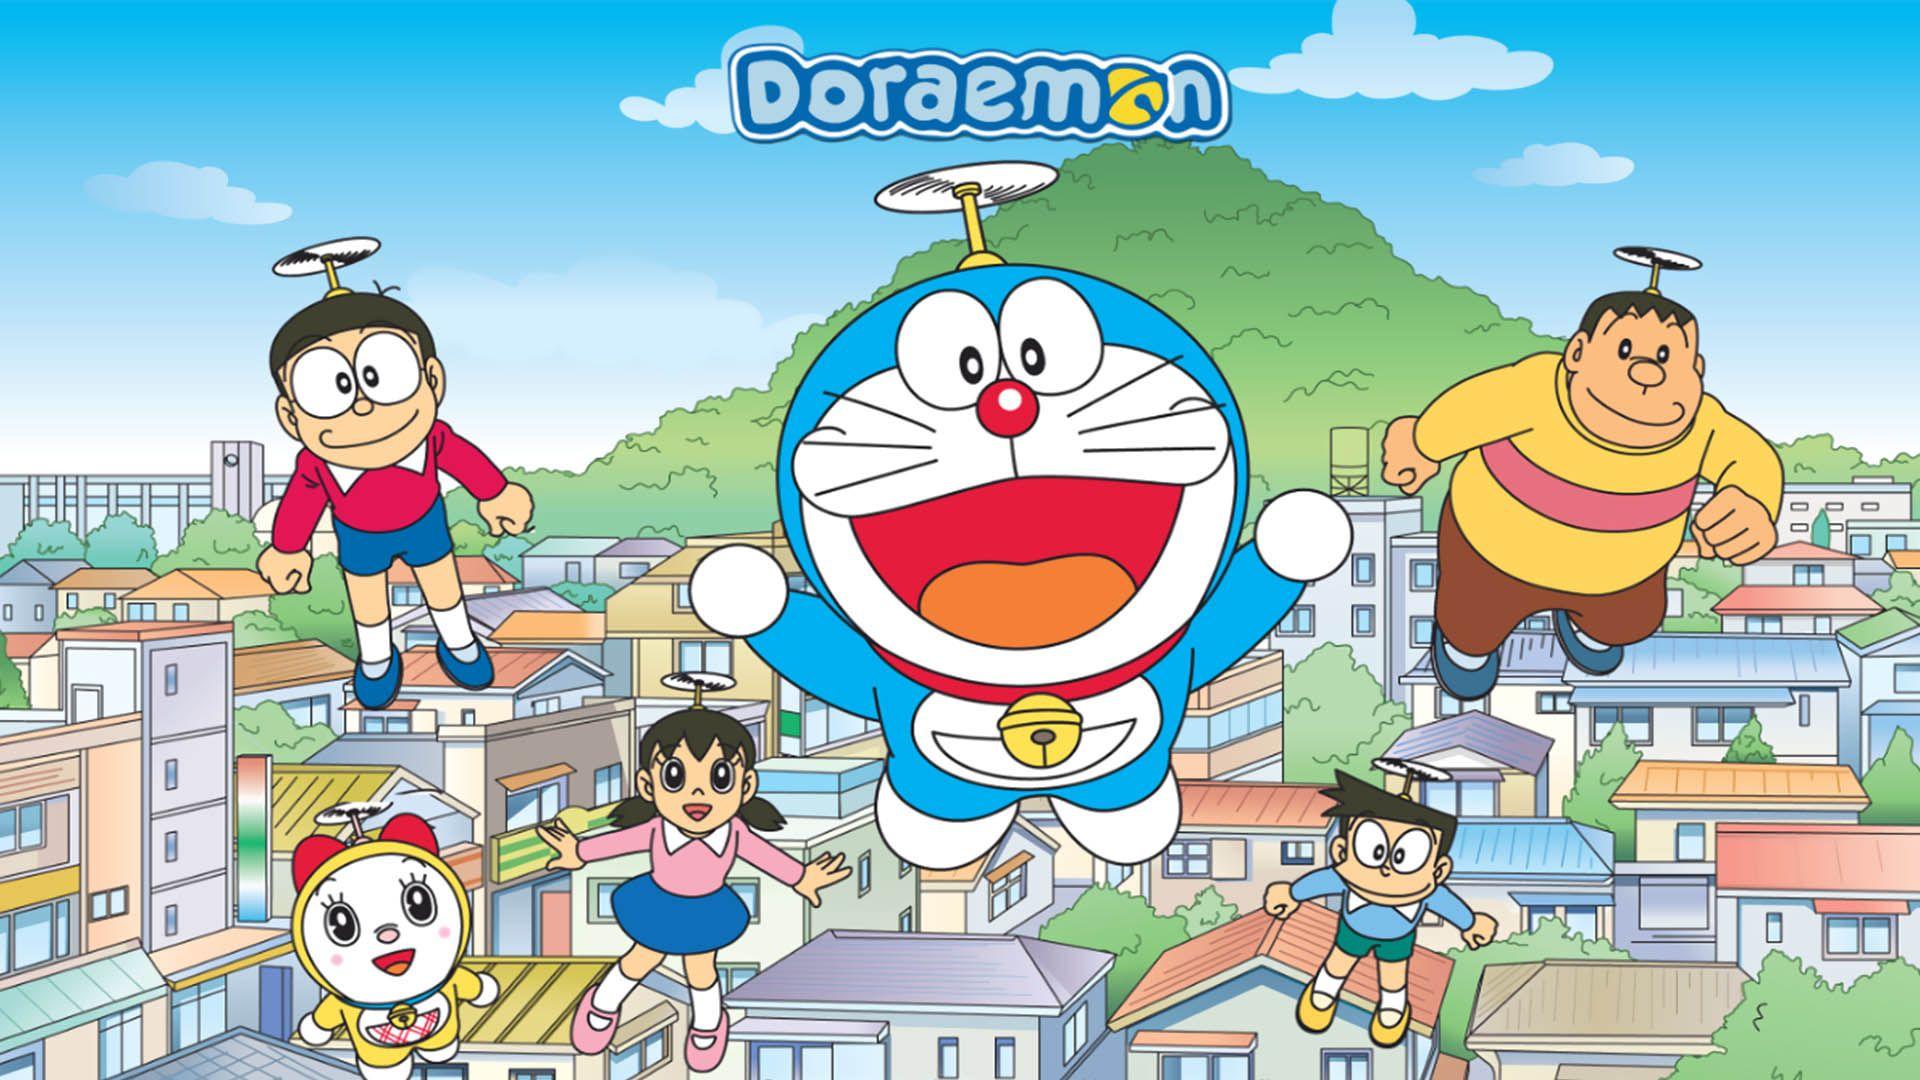 Doraemon (ドラえもん Doraemon?) Is The Most Recent Anime Series